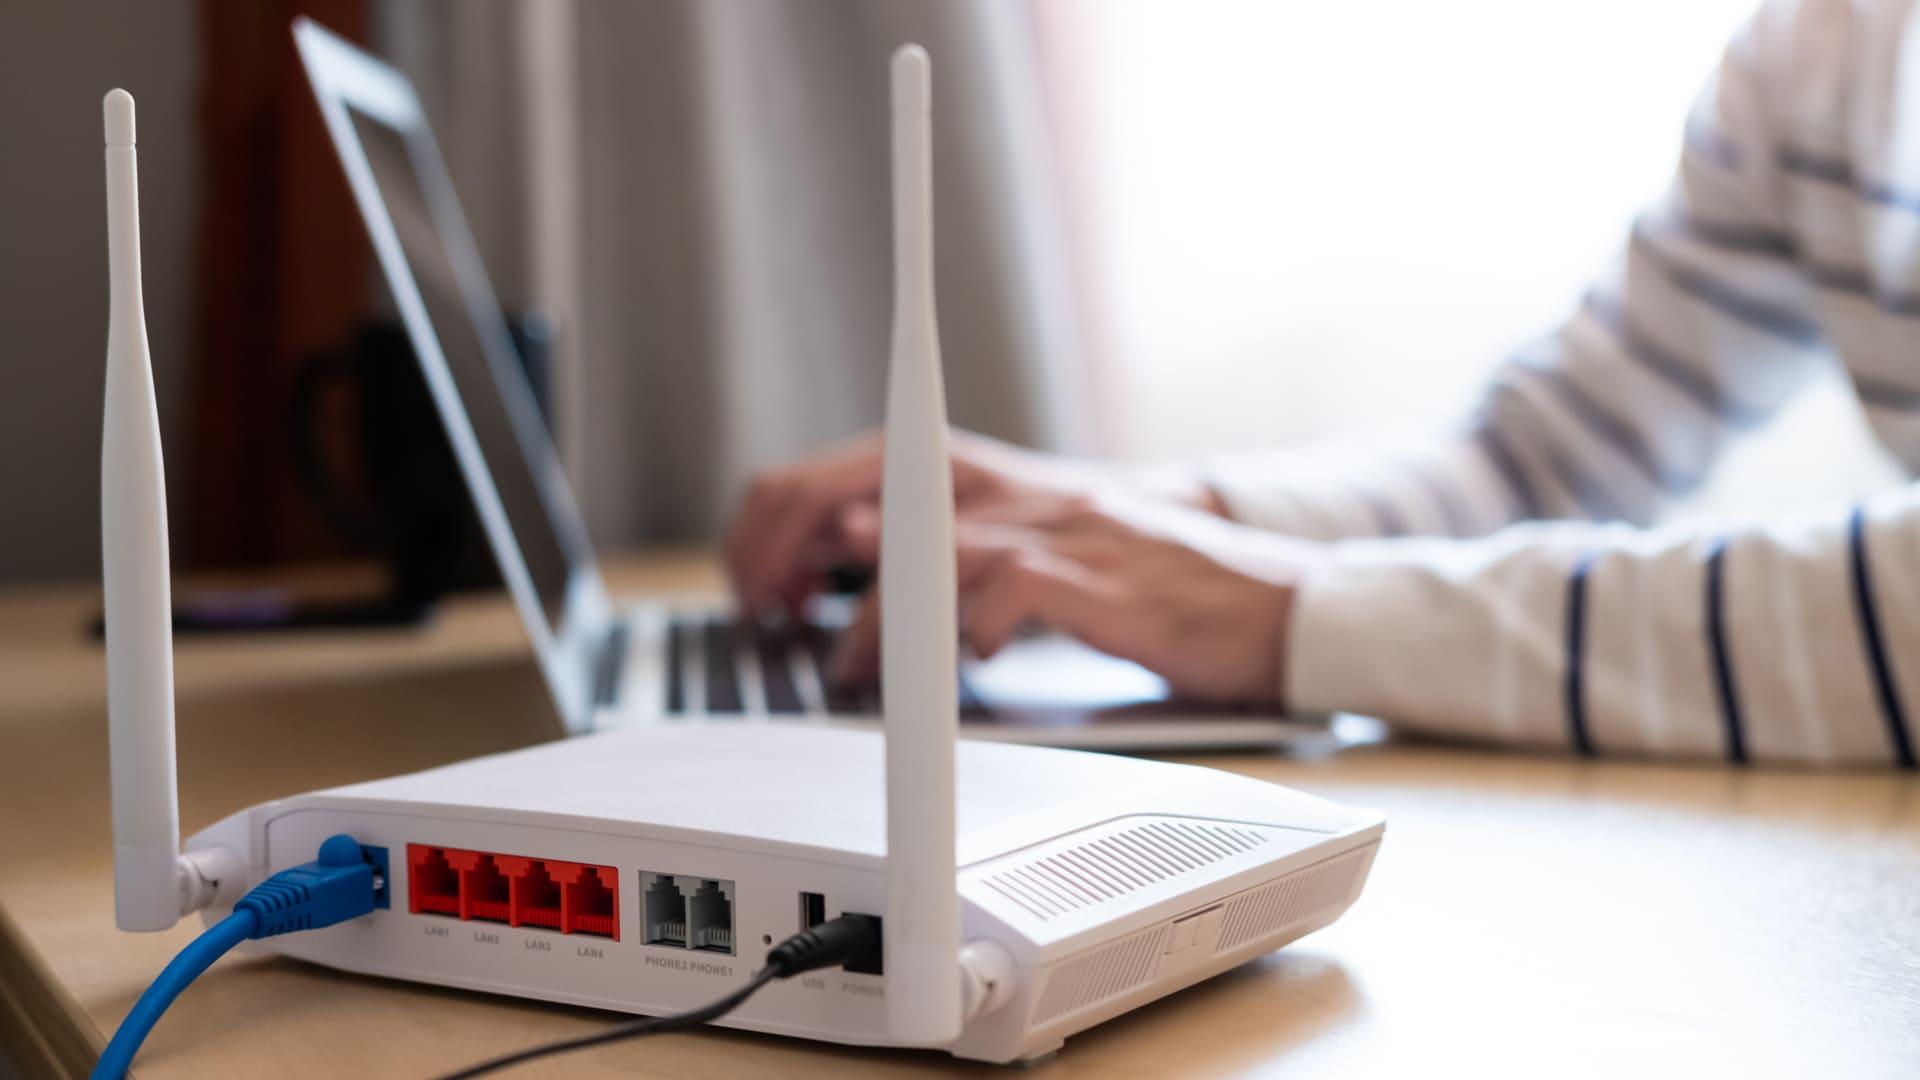 Saber configurar roteador é tarefa obrigatória para se acessar a internet com o máximo de velocidade possível (Foto: Reprodução/Shutterstock)